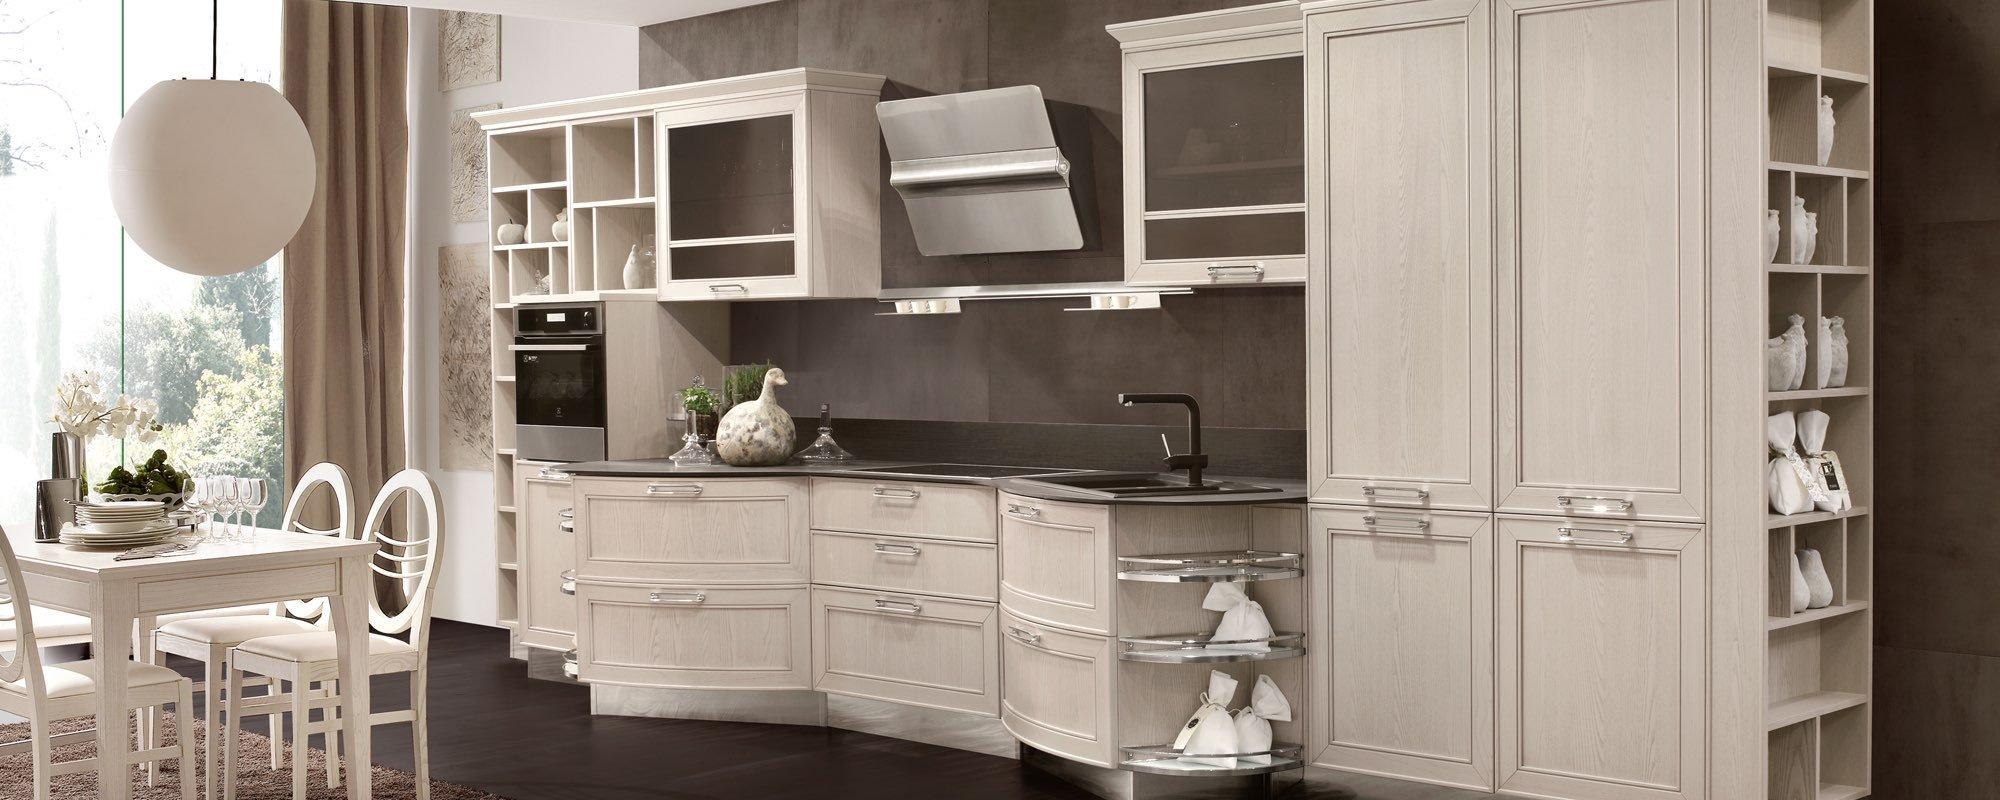 cucina moderna in legno bianco con tavolo e sedie, tenda e infissi esterni - MAXIM